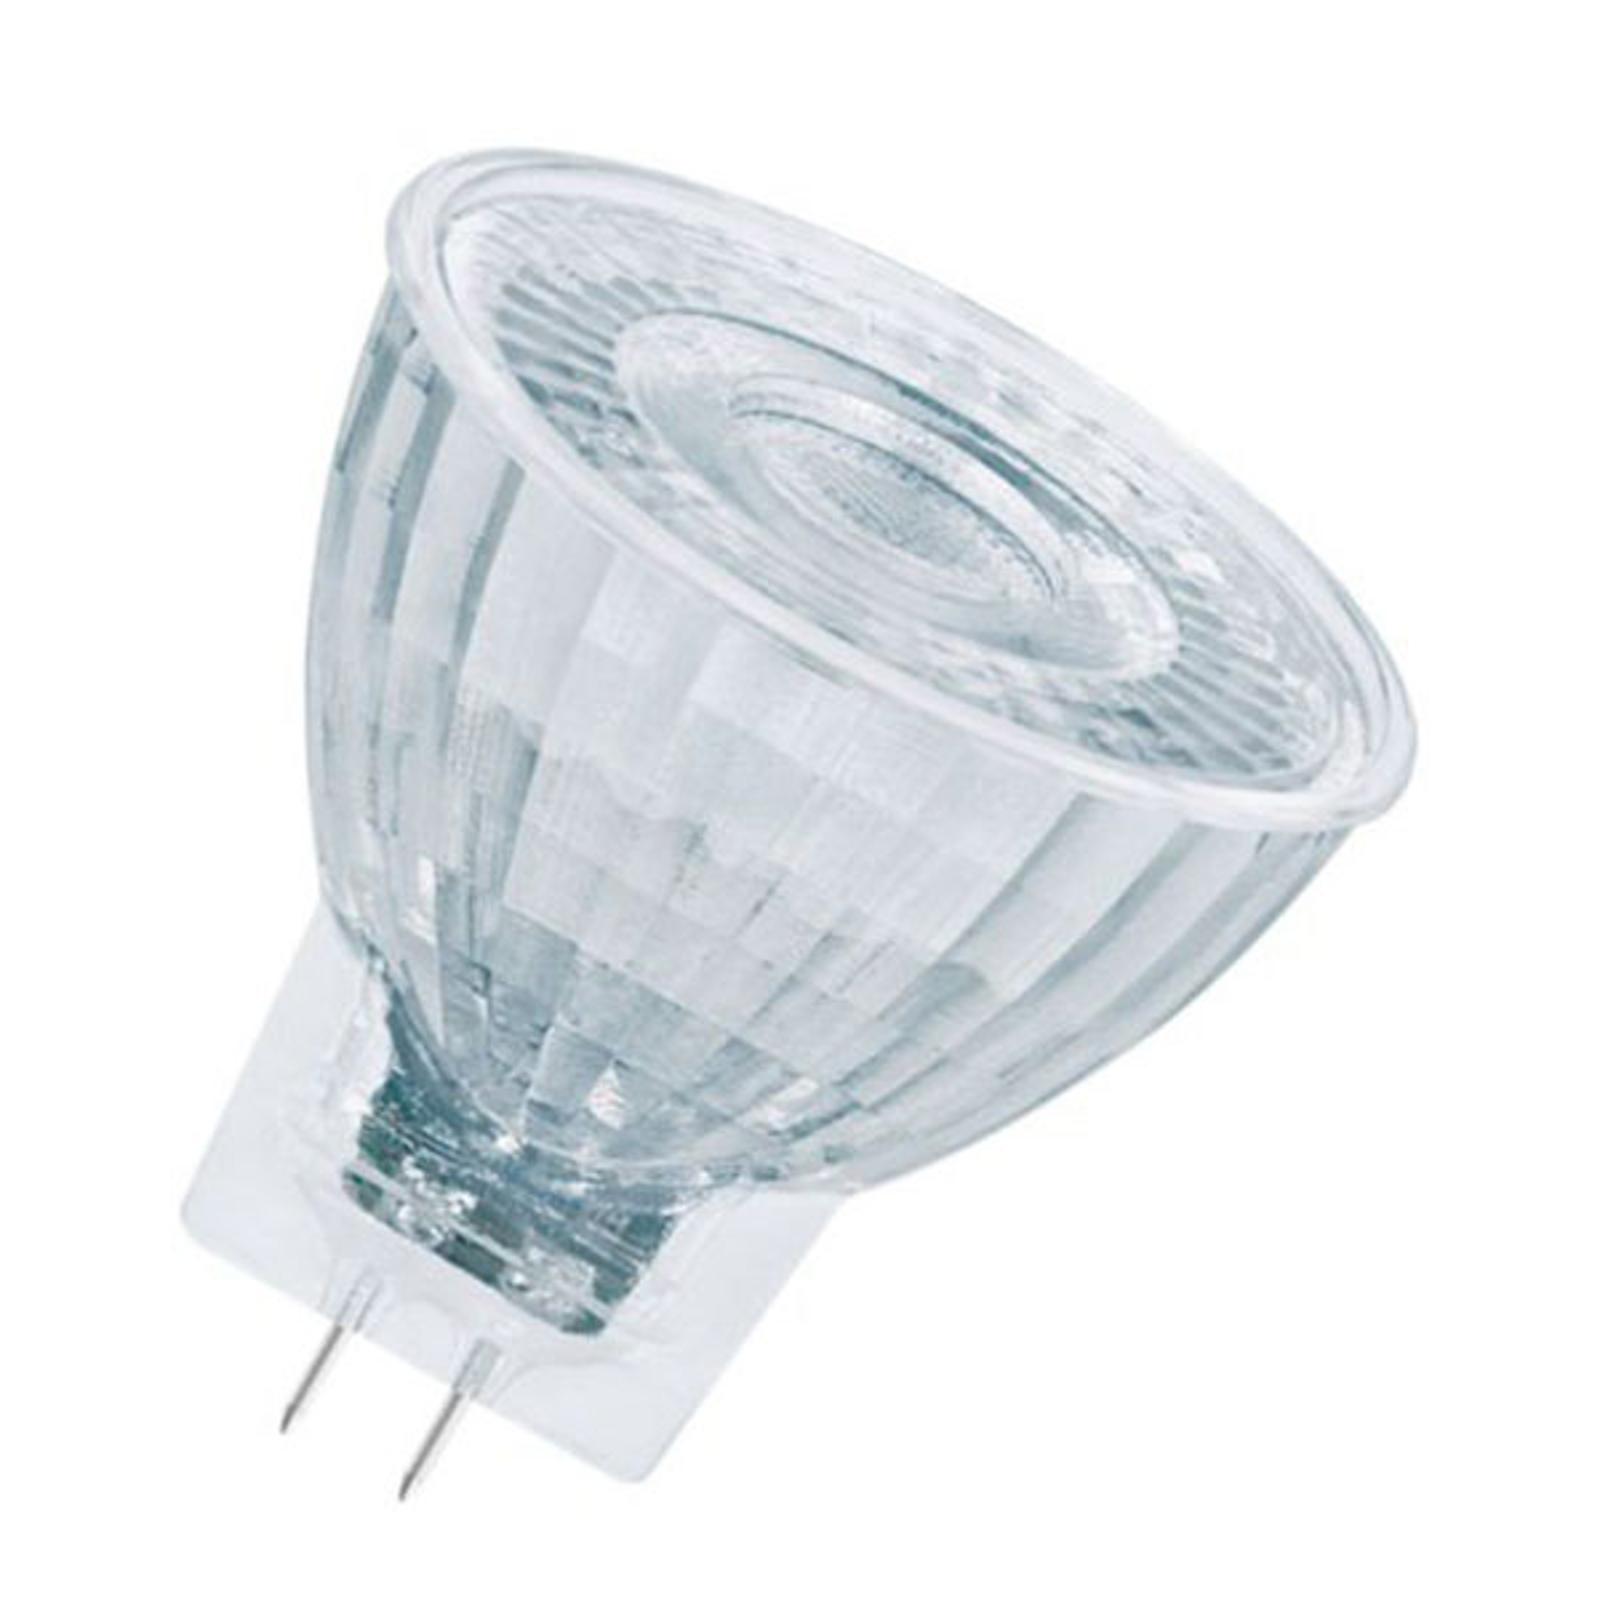 OSRAM LED-reflektor GU4 MR11 2,5W 2700K